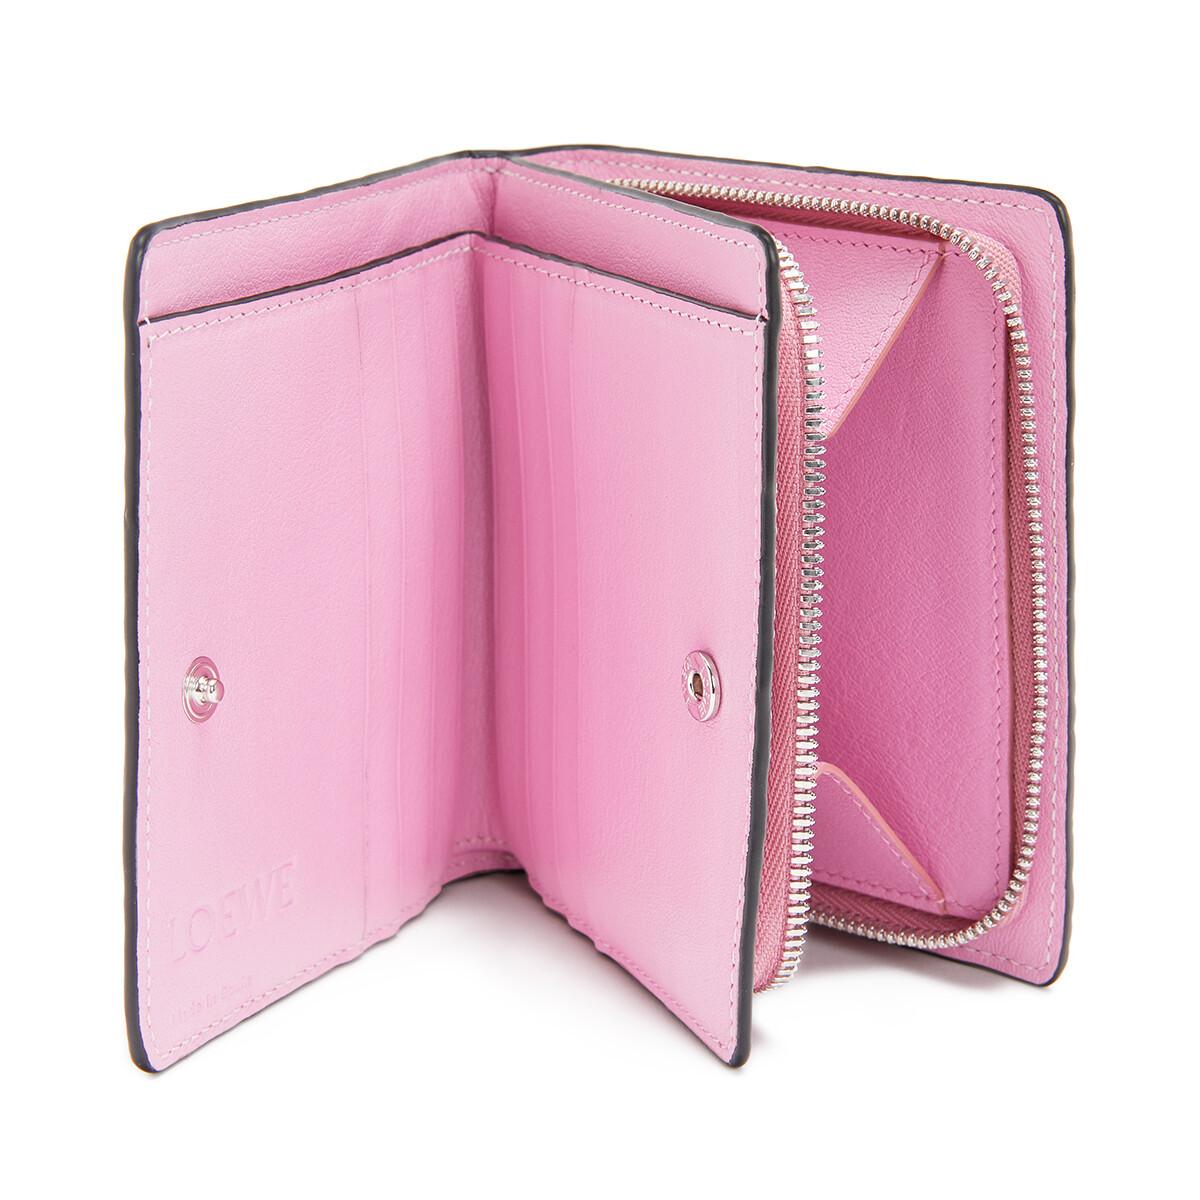 LOEWE Compact Zip Wallet キャンディー front